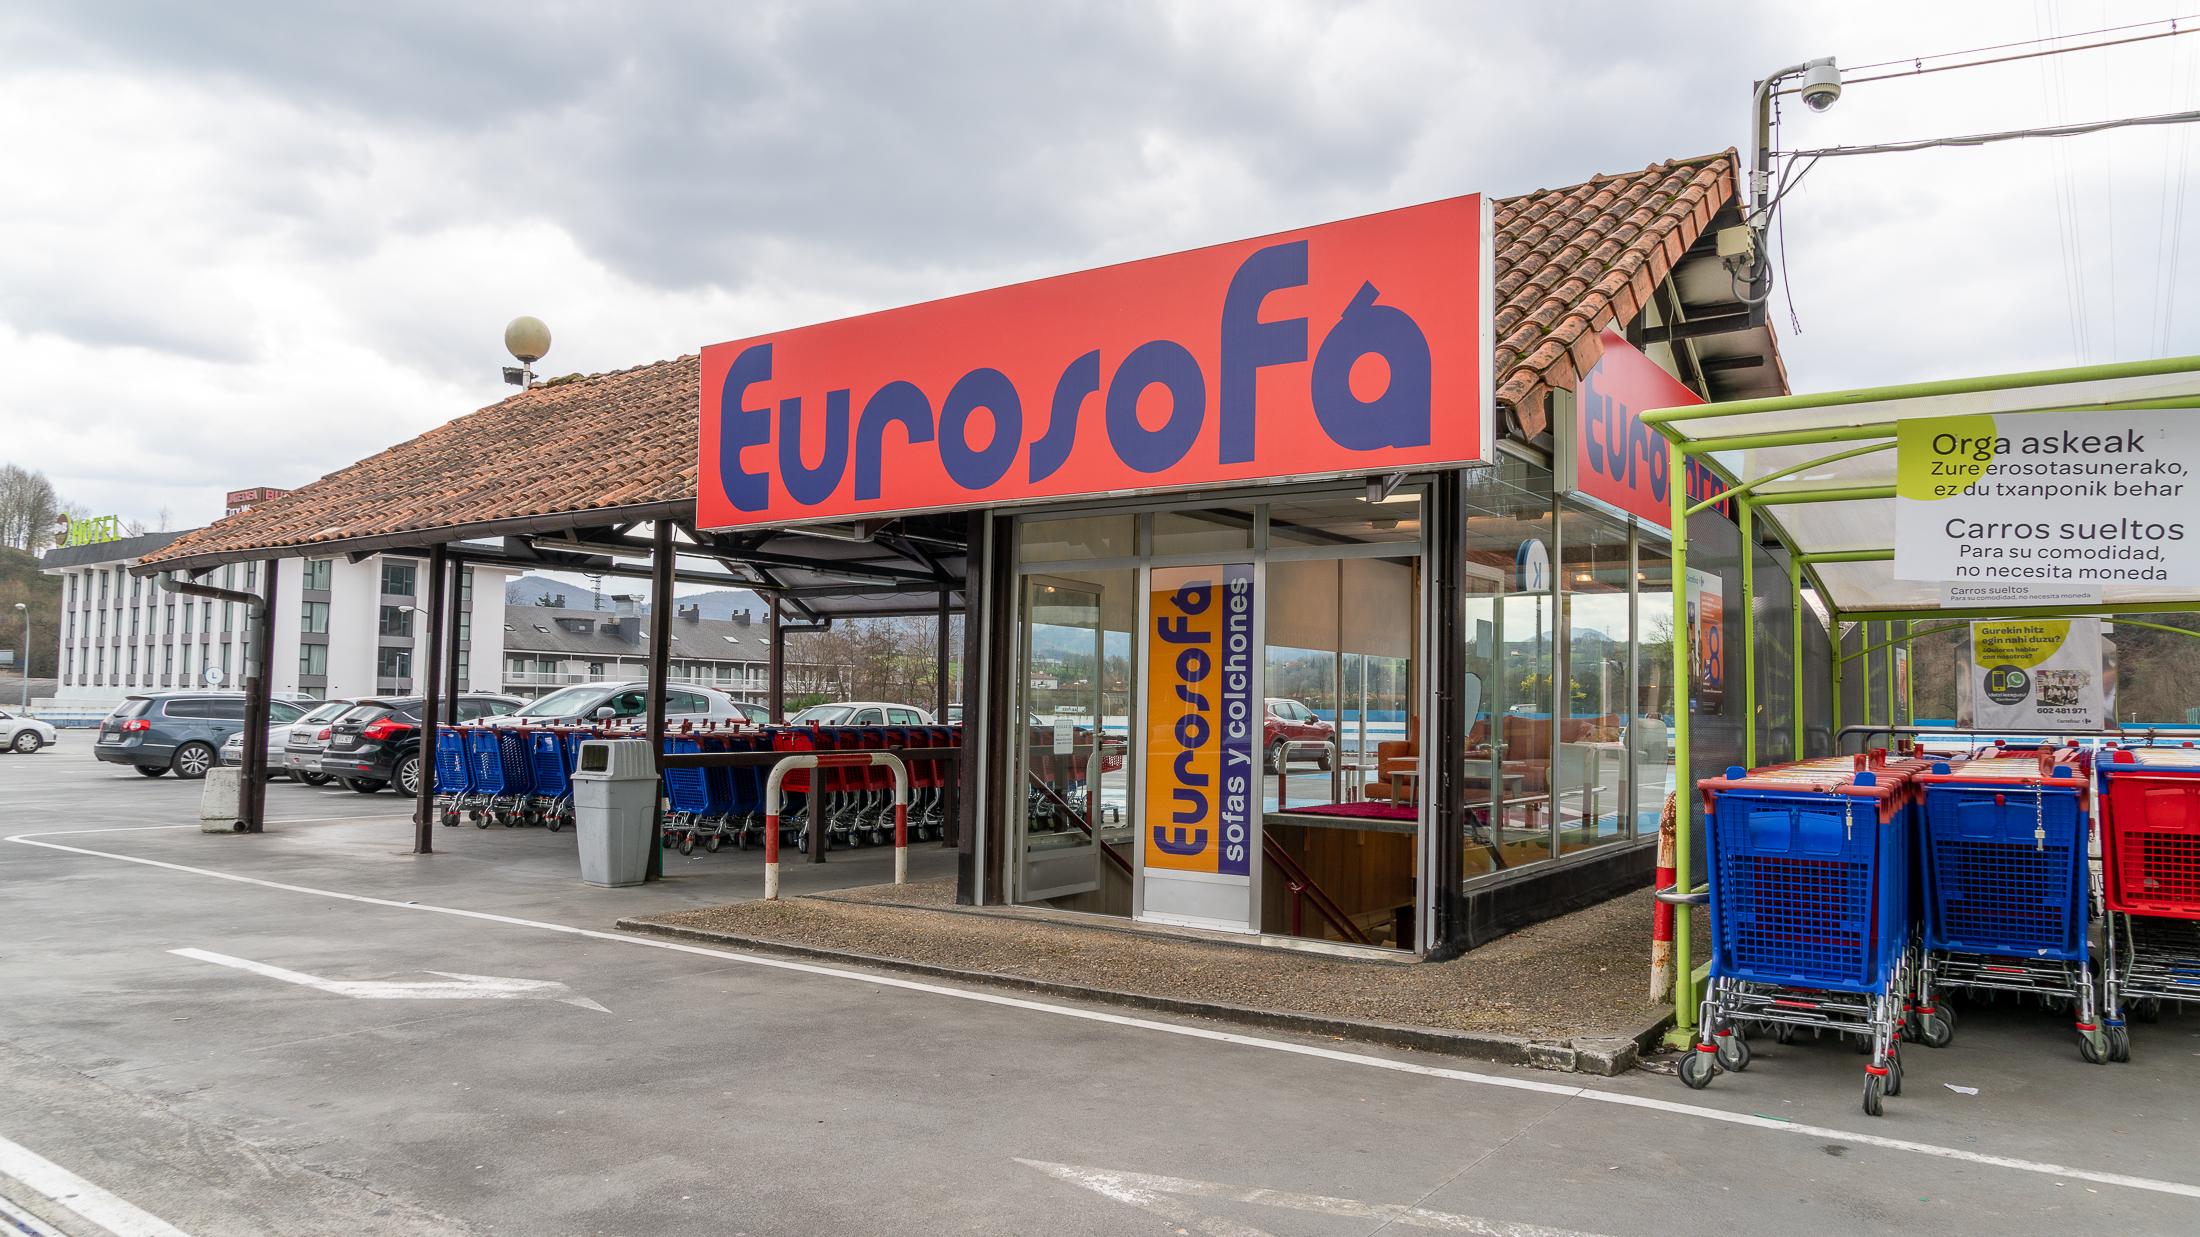 EUROSOFA OIARTZUN CARREFOUR